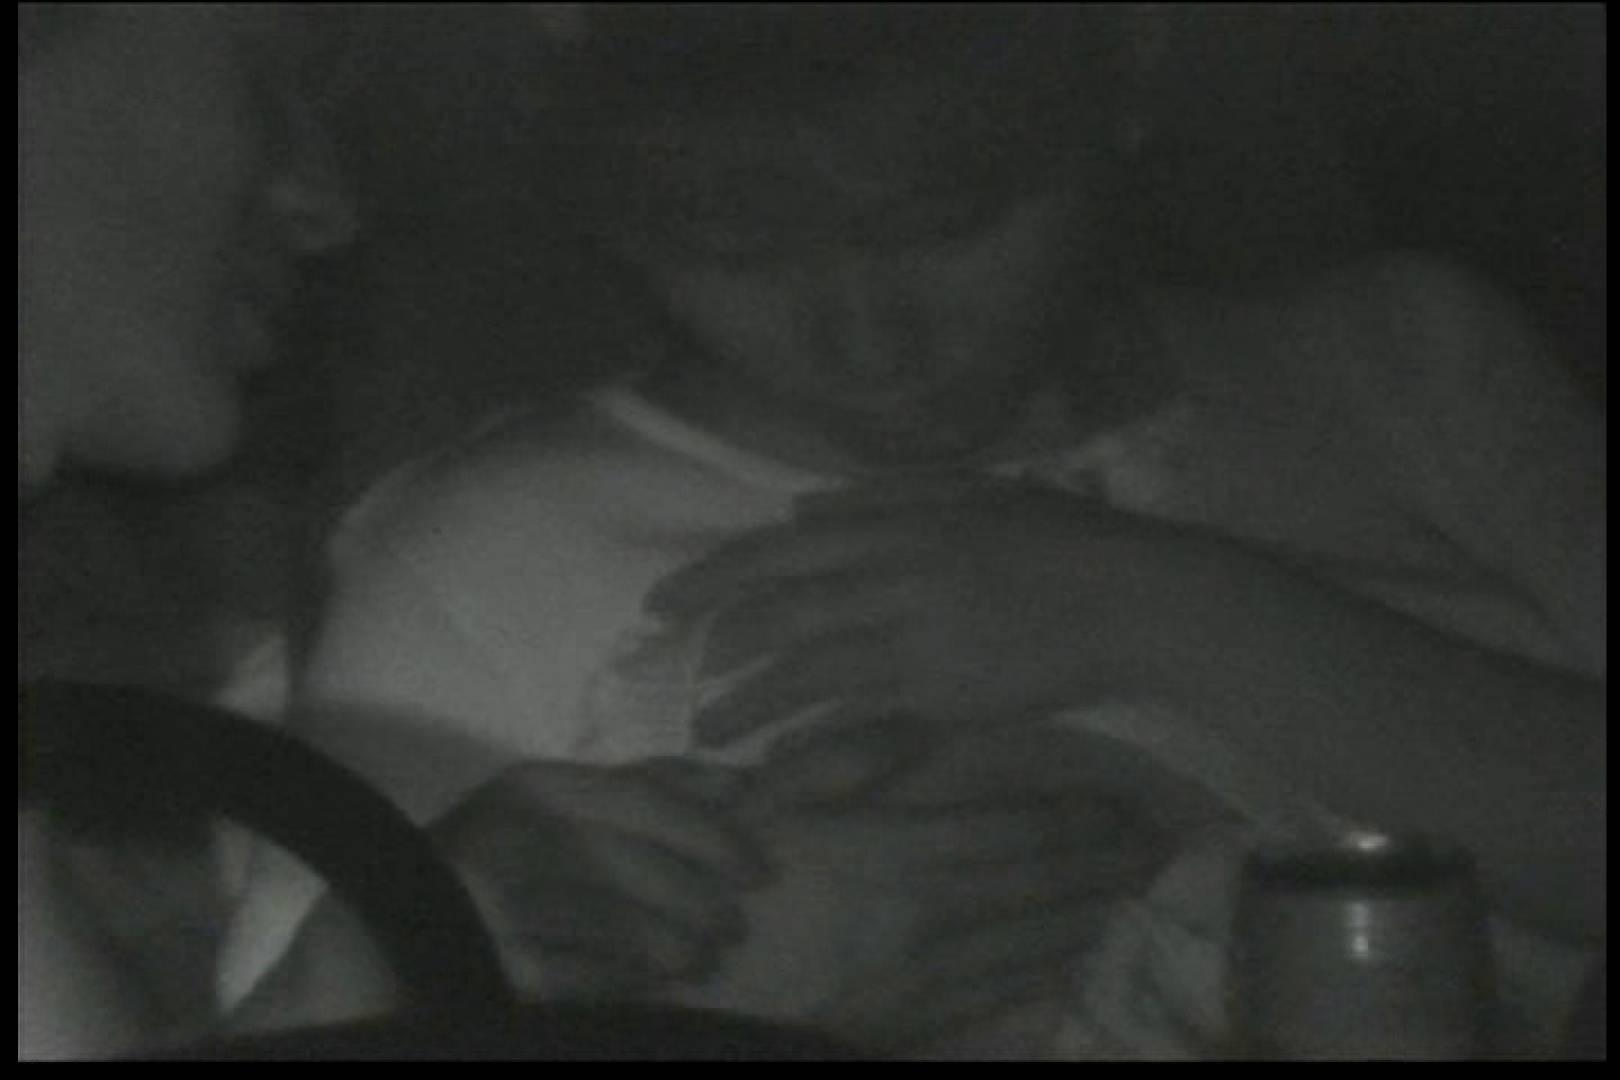 車の中はラブホテル 無修正版  Vol.12 カップル オマンコ動画キャプチャ 87pic 67